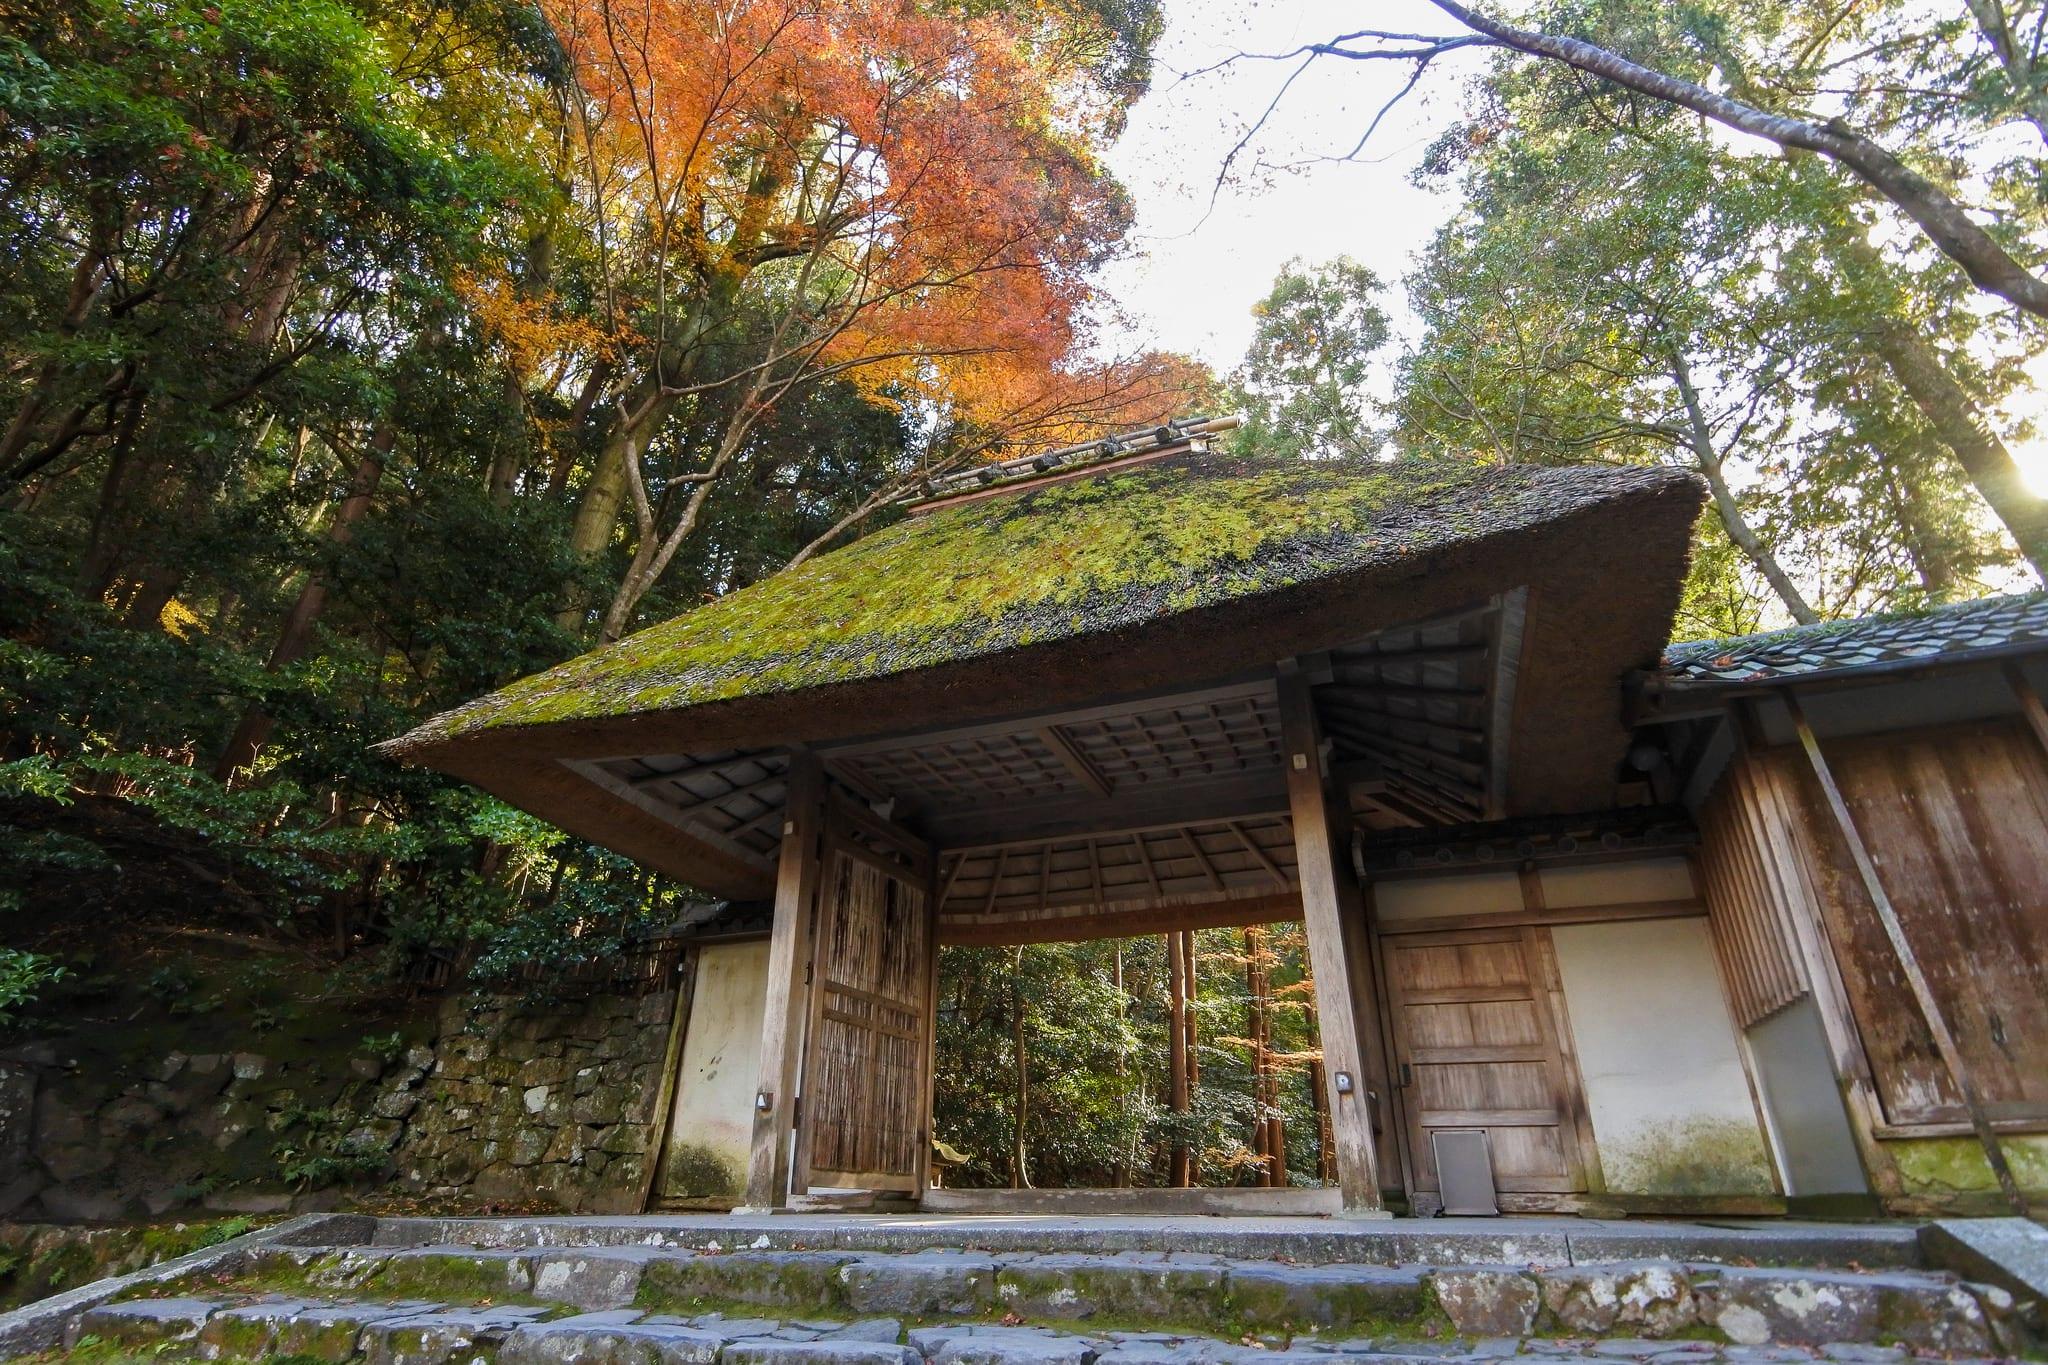 วัดโฮเน็นอิน ( Honen-in Temple)